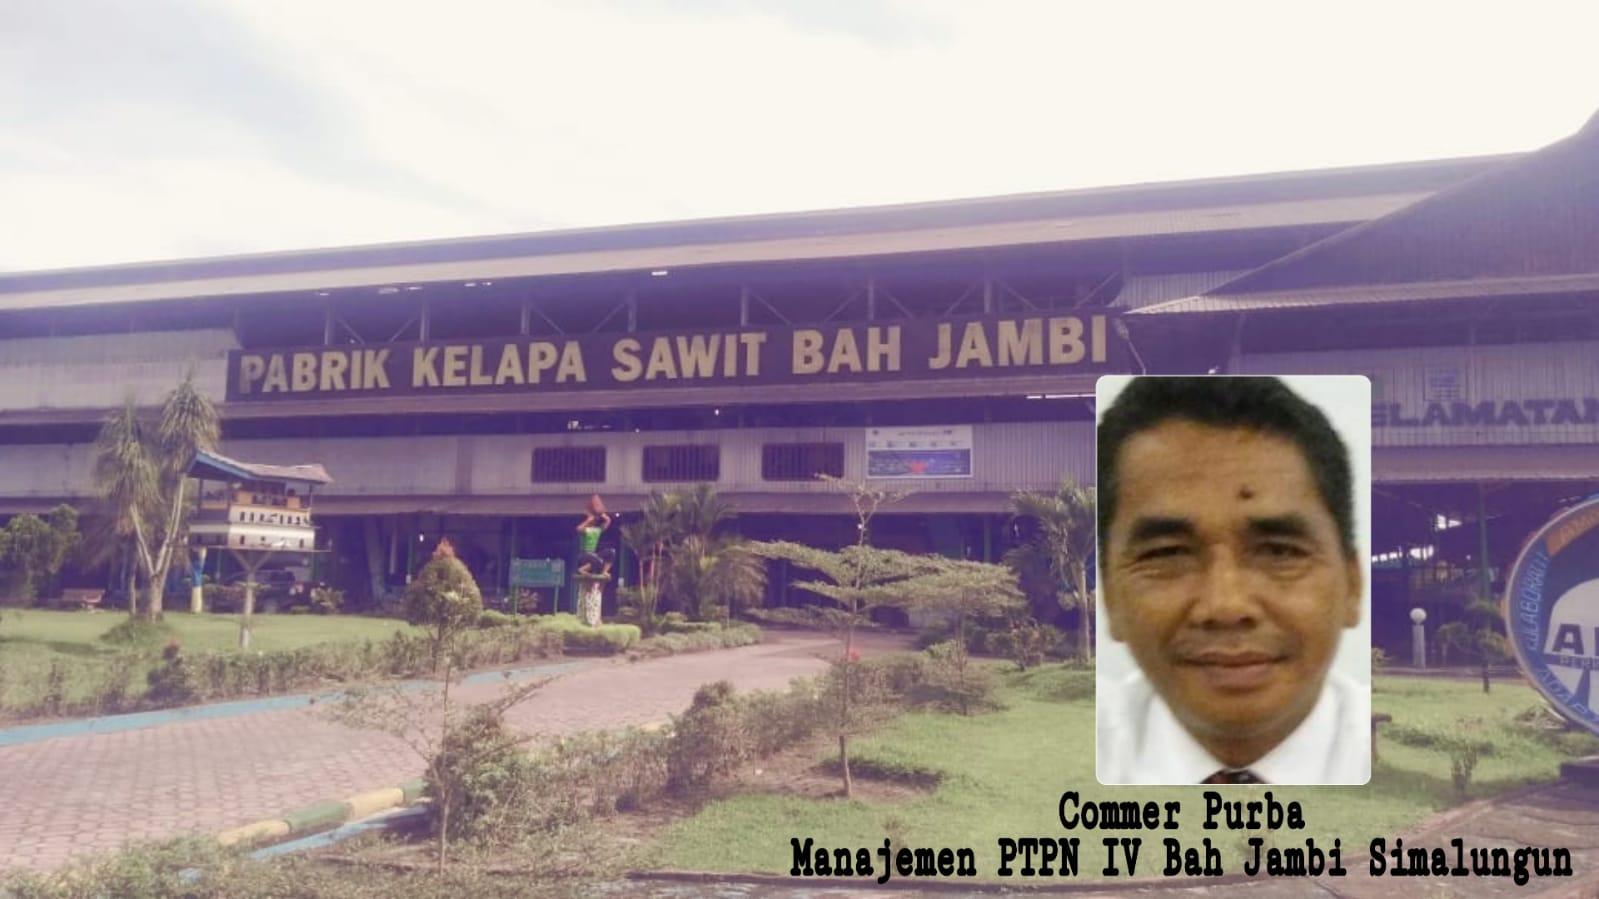 Commer Purba PTPN Bah Jambi: Pemberhentian Dan Pengusulan Pekerja Wewenang Direksi PTPN IV